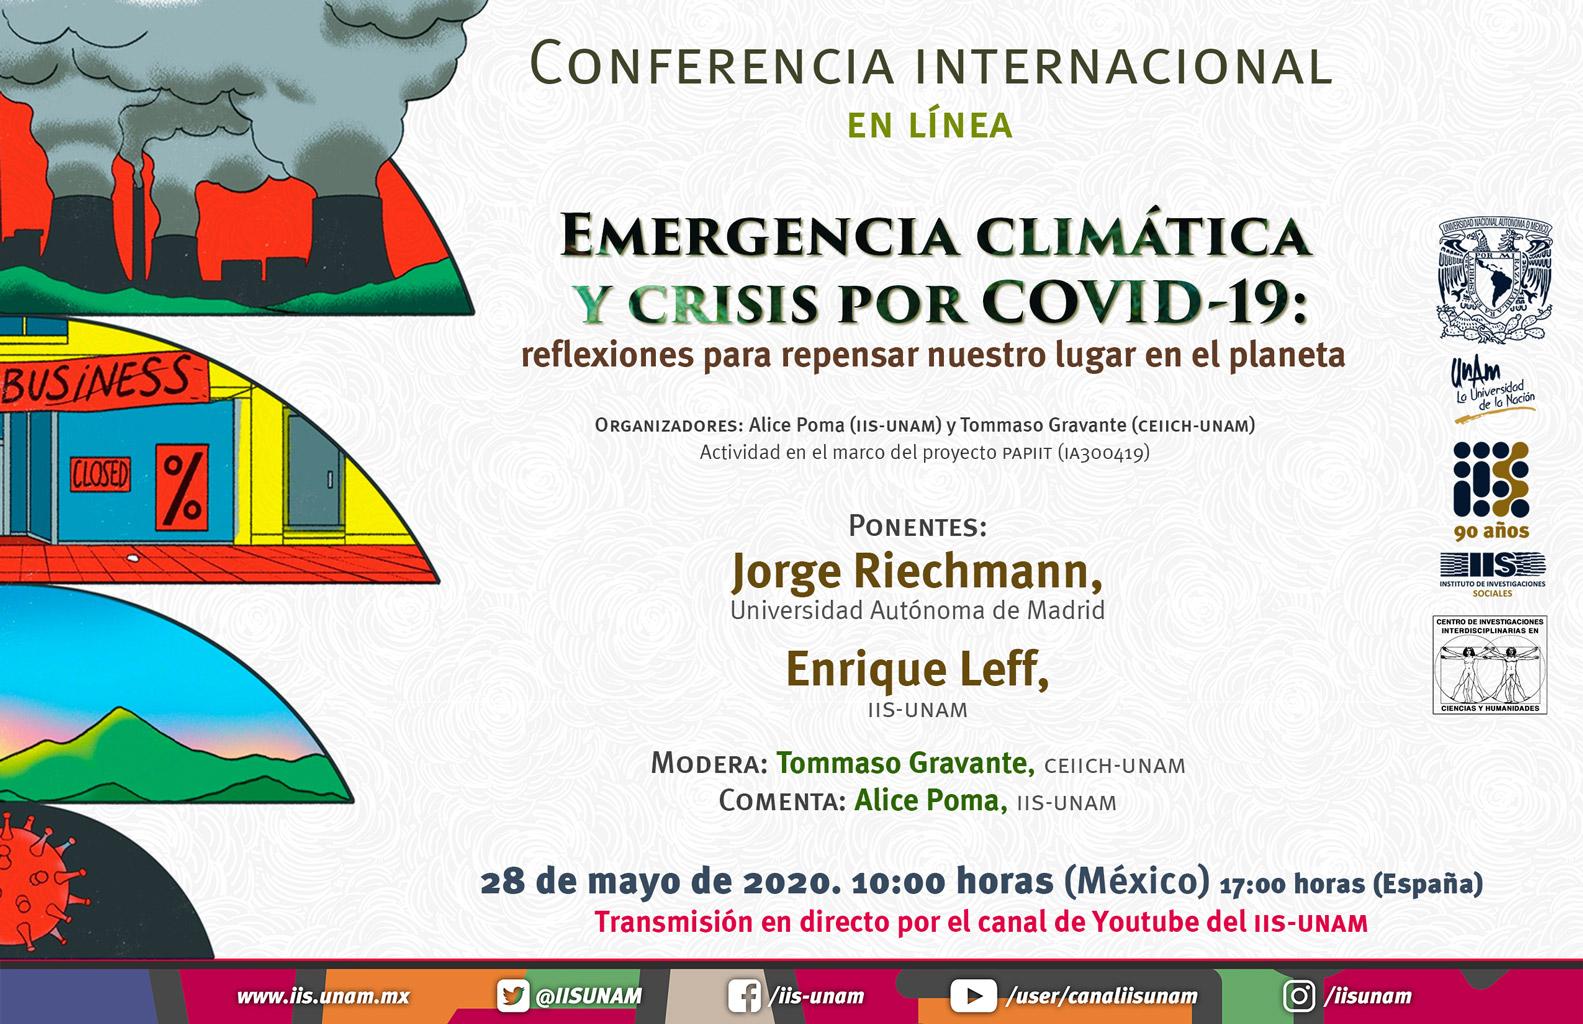 Emergencia climática y crisis por Covid-19